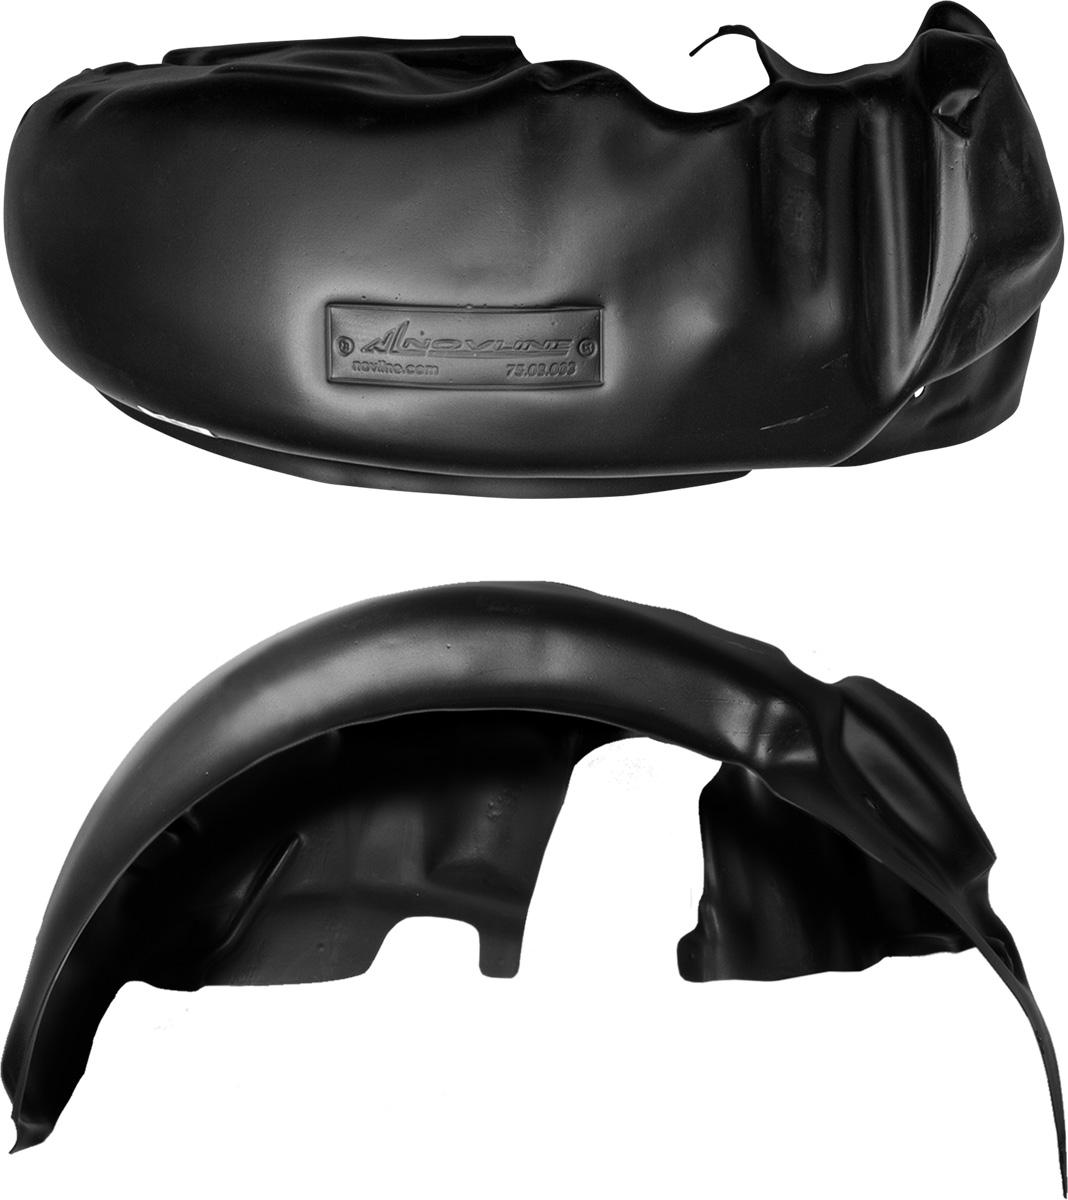 Подкрылок TOYOTA Land Cruiser 200, 11/2007- 2011, 2012-2015, передний левыйNLL.48.17.001Колесные ниши – одни из самых уязвимых зон днища вашего автомобиля. Они постоянно подвергаются воздействию со стороны дороги. Лучшая, почти абсолютная защита для них - специально отформованные пластиковые кожухи, которые называются подкрылками, или локерами. Производятся они как для отечественных моделей автомобилей, так и для иномарок. Подкрылки выполнены из высококачественного, экологически чистого пластика. Обеспечивают надежную защиту кузова автомобиля от пескоструйного эффекта и негативного влияния, агрессивных антигололедных реагентов. Пластик обладает более низкой теплопроводностью, чем металл, поэтому в зимний период эксплуатации использование пластиковых подкрылков позволяет лучше защитить колесные ниши от налипания снега и образования наледи. Оригинальность конструкции подчеркивает элегантность автомобиля, бережно защищает нанесенное на днище кузова антикоррозийное покрытие и позволяет осуществить крепление подкрылков внутри колесной арки практически без дополнительного...